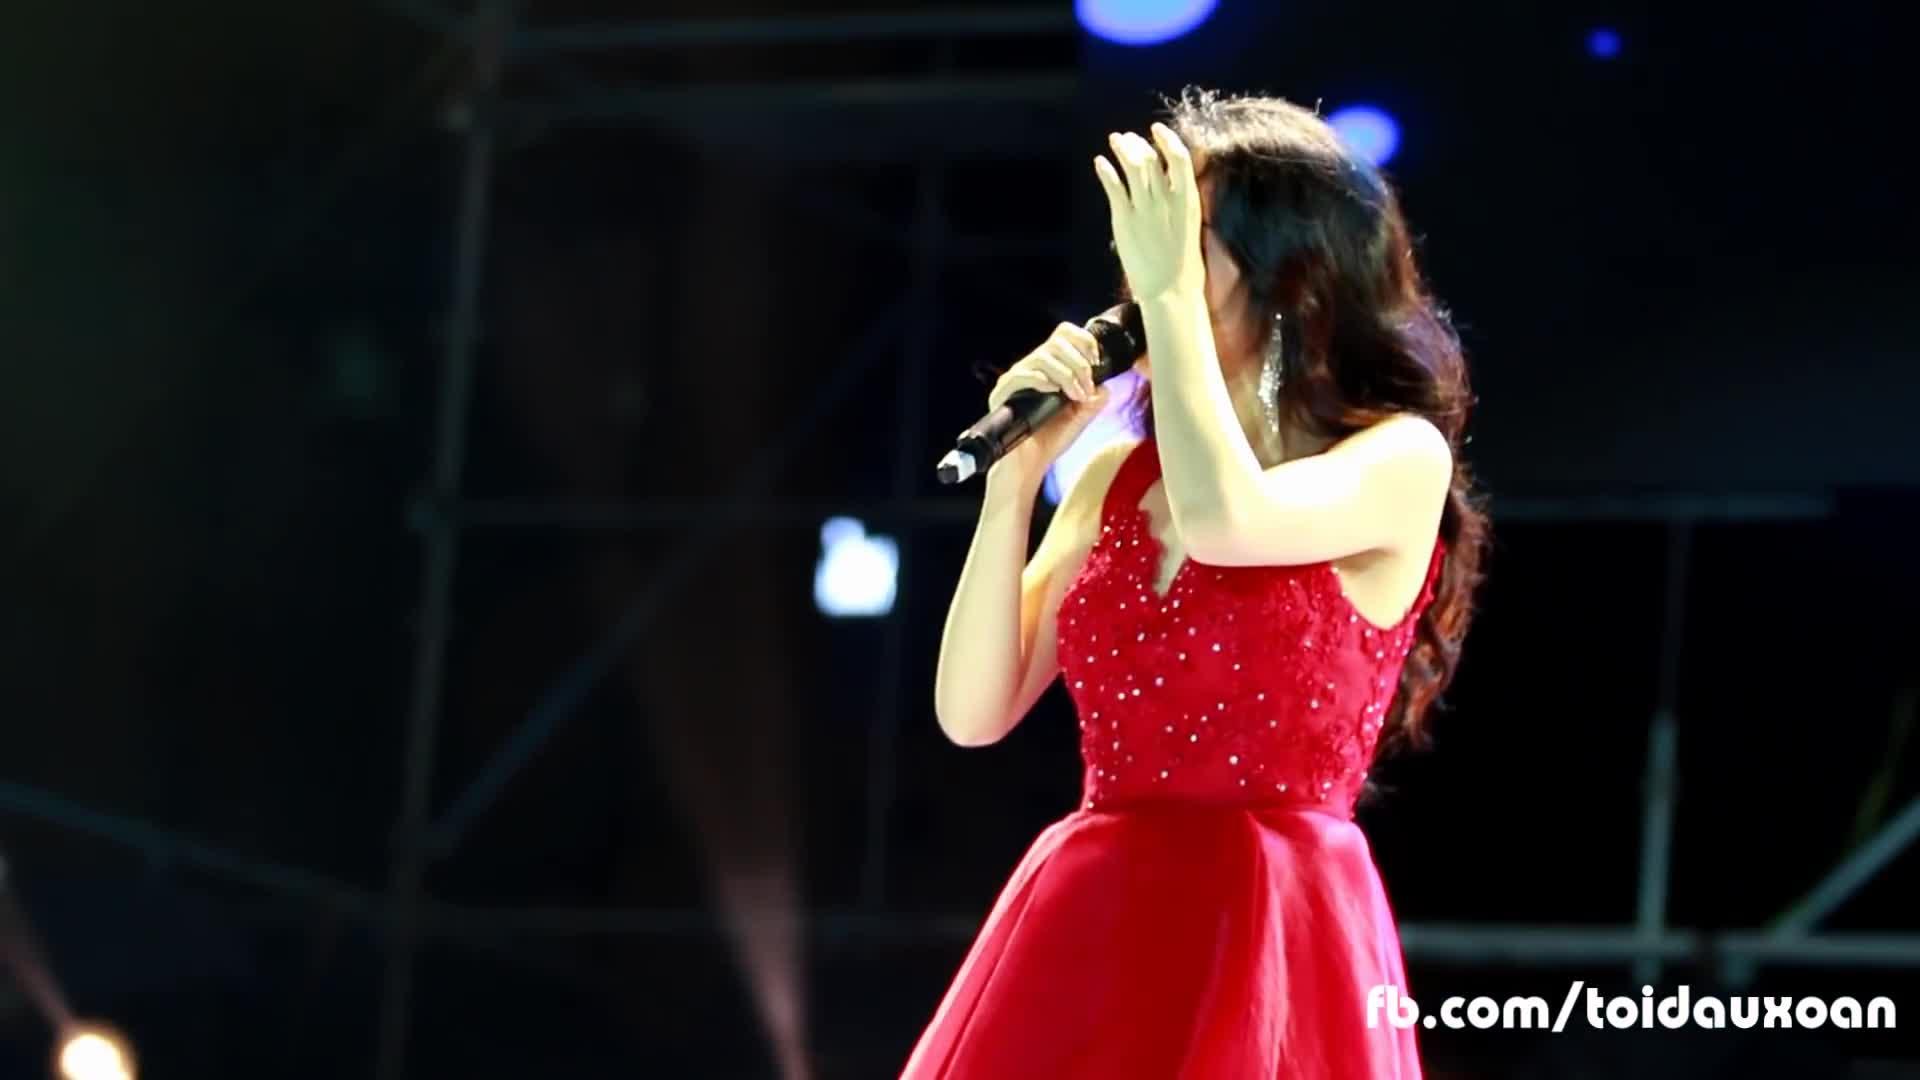 Clip bị pháo bắn vào mắt trên sân khấu, Hòa Minzy vẫn hát như không có chuyện gì